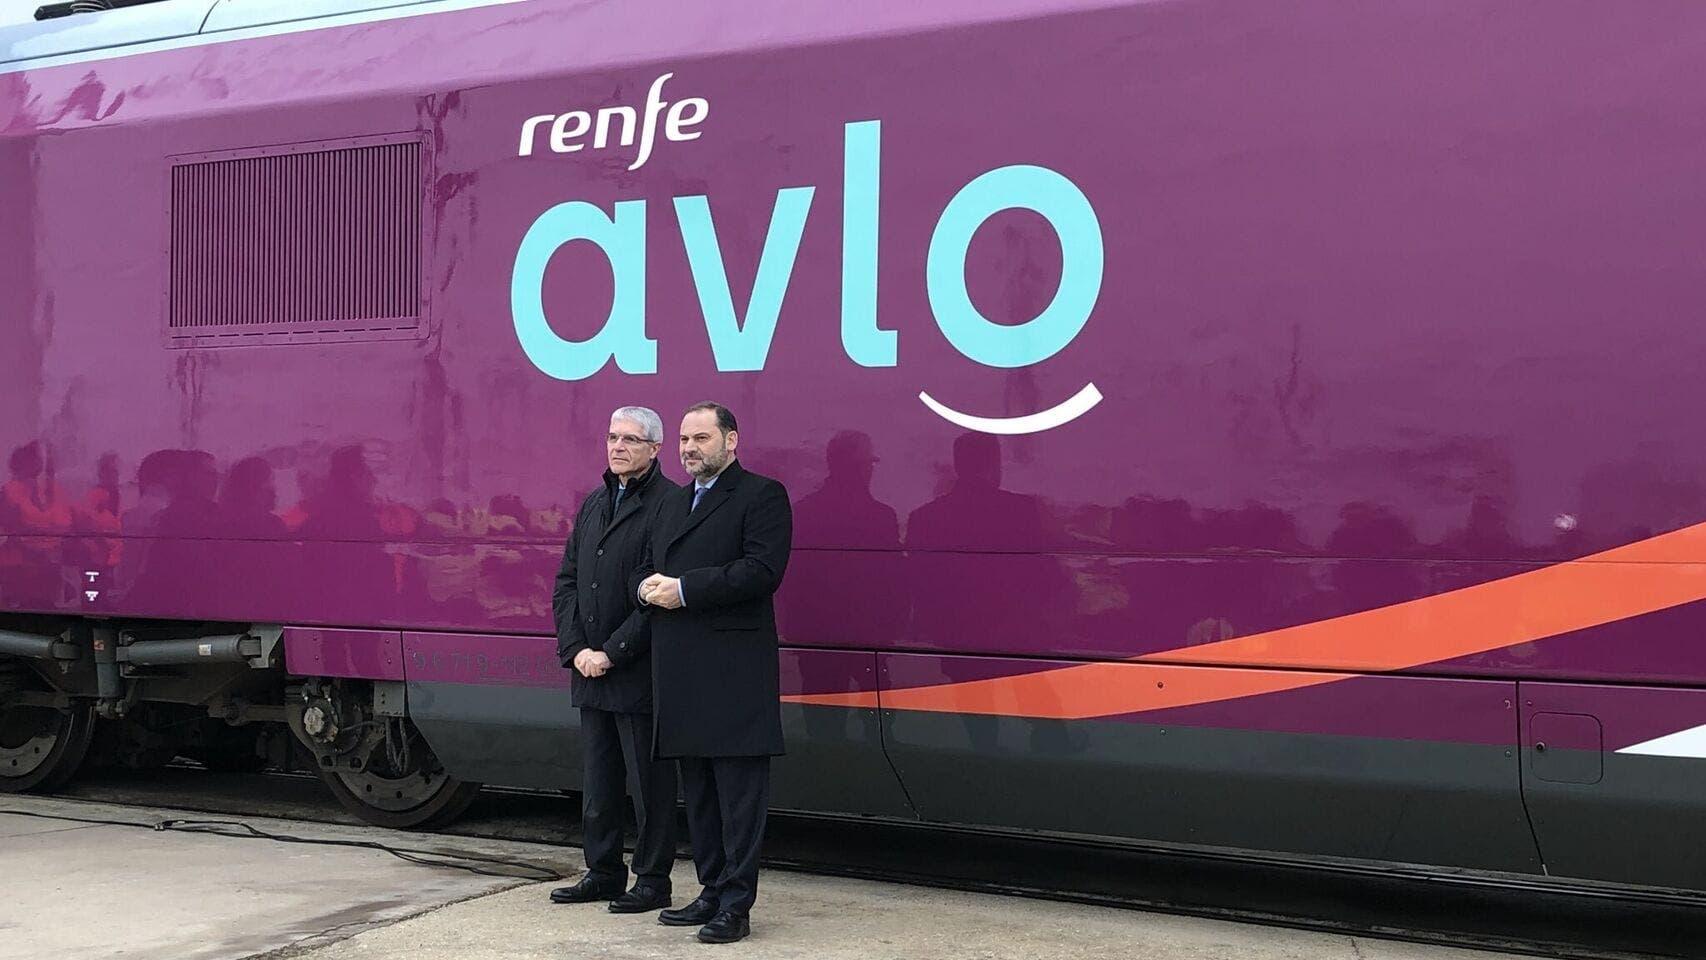 Renfe Liberalizacion_del_ferrocarril Transporte_ferroviario Empresas_451216110_140228660_1706x960